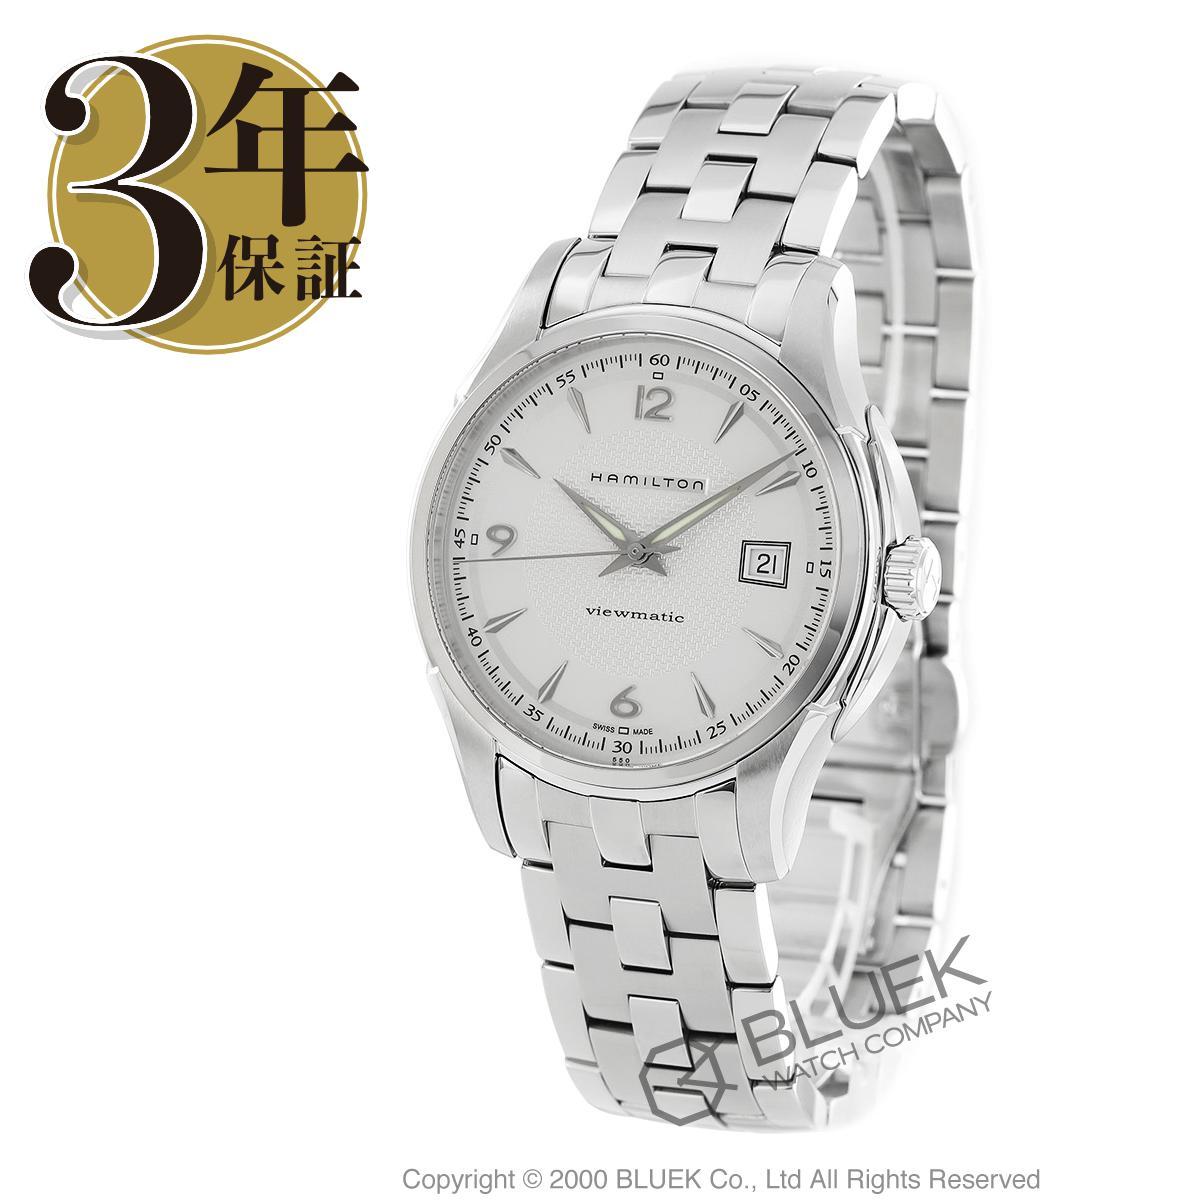 ハミルトン ジャズマスター ビューマチック 腕時計 メンズ HAMILTON H32515155_8 バーゲン ギフト プレゼント